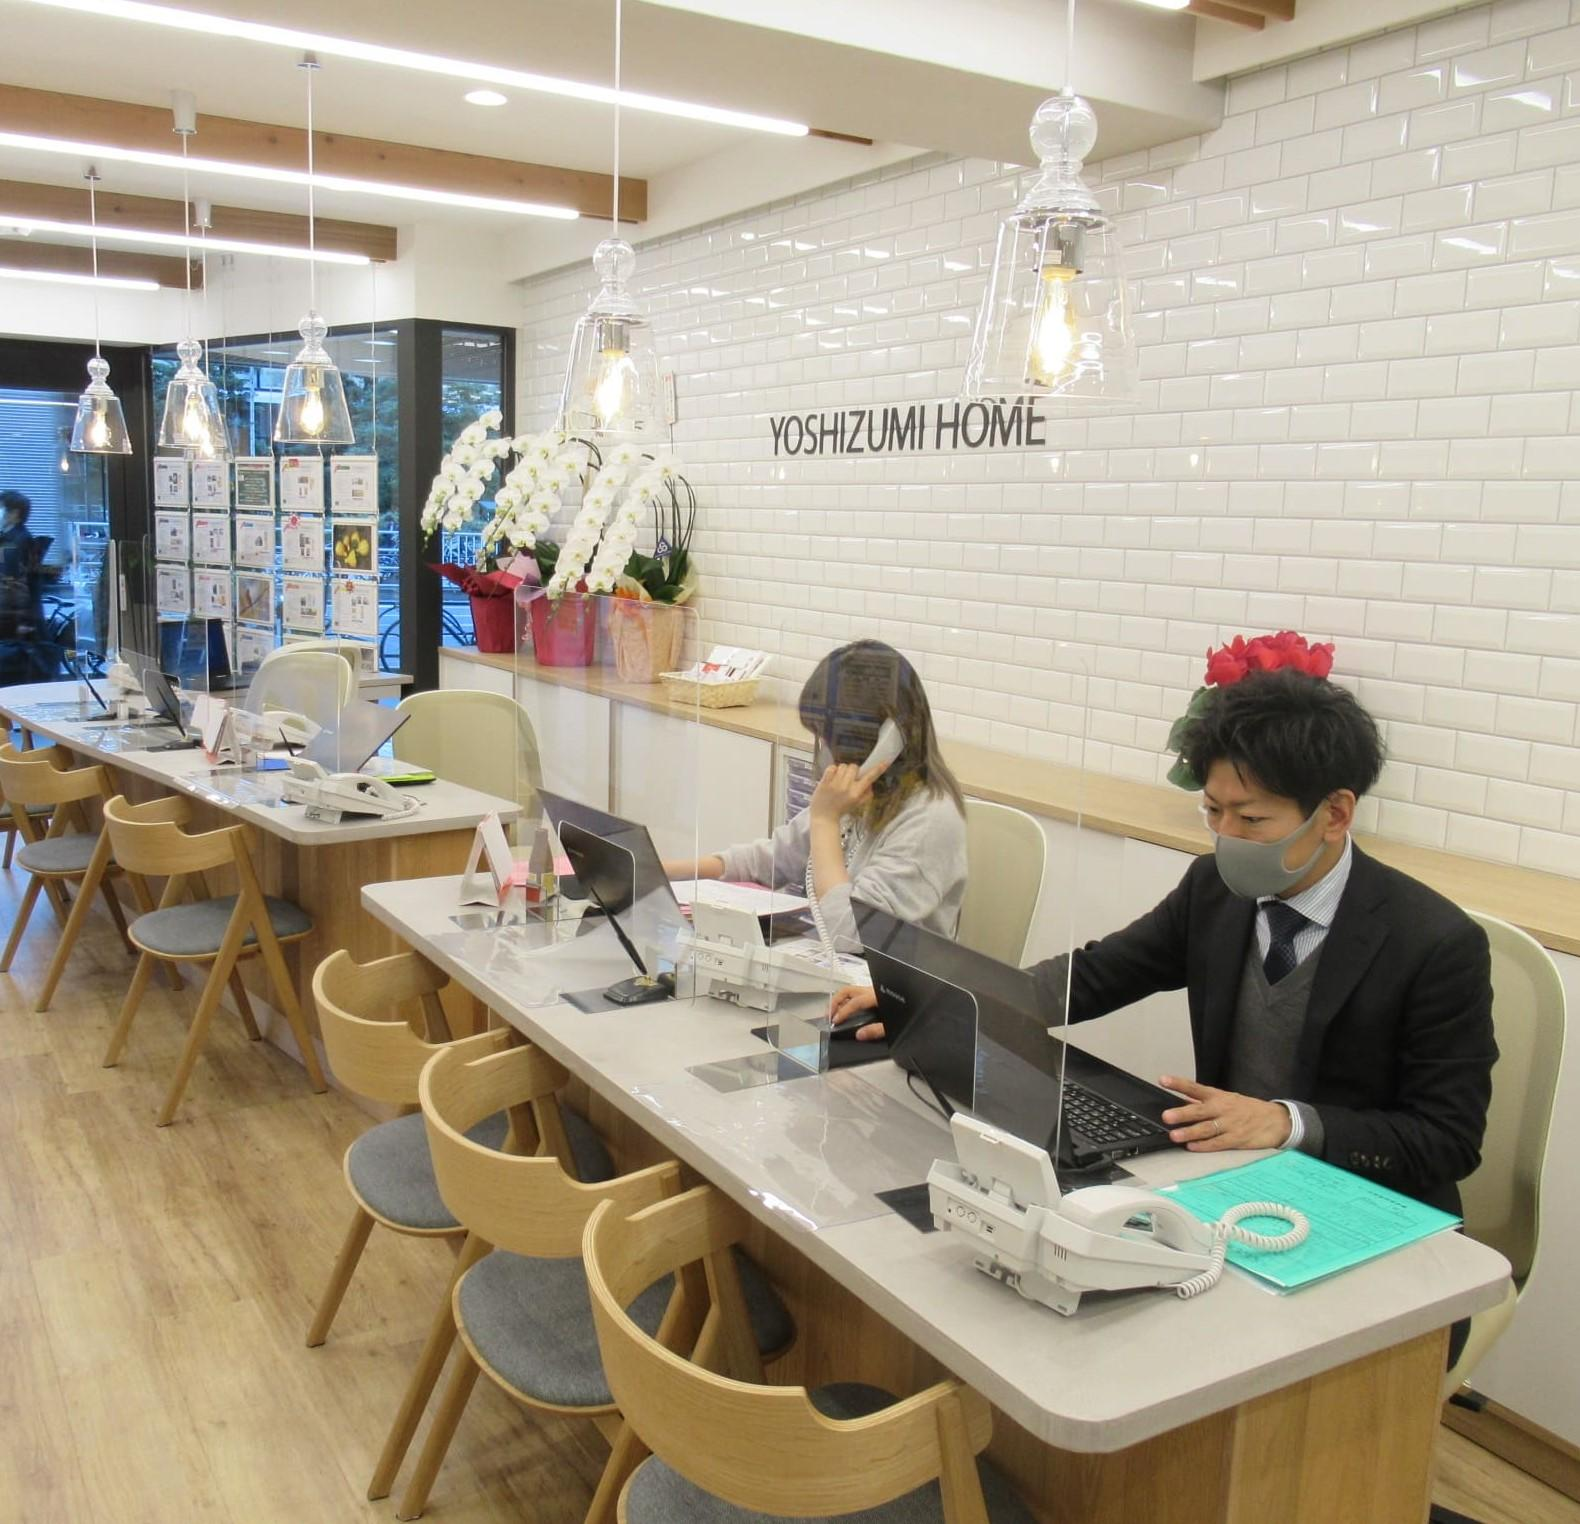 吉住ホーム、「西新宿店」を改装オープン